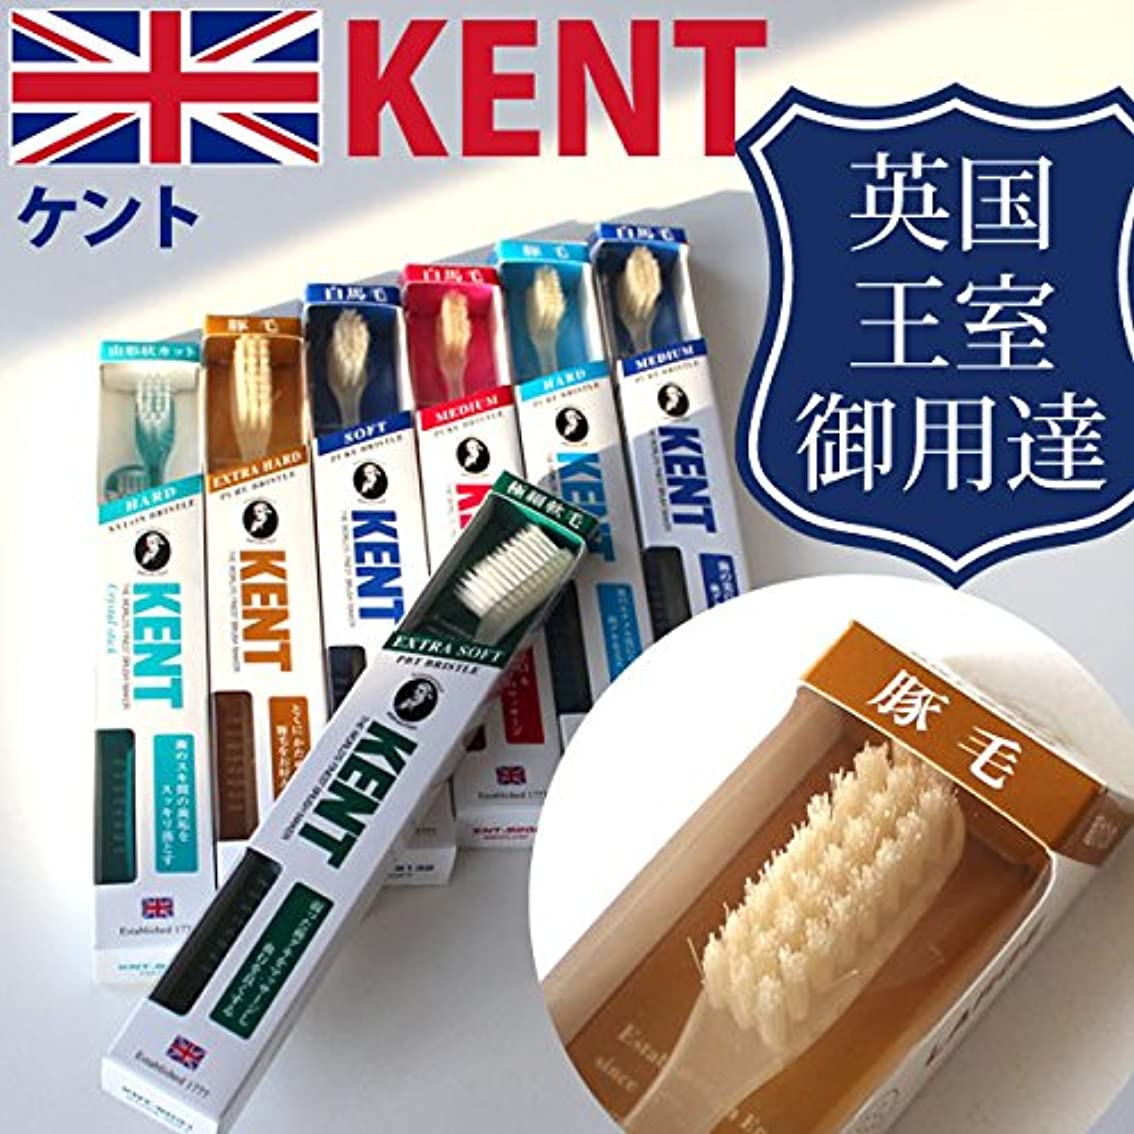 ボトルクラッチケント KENT 豚毛 ラージヘッド 歯ブラシKNT-9433 超かため 6本入り しっかり磨ける天然毛のラジヘ